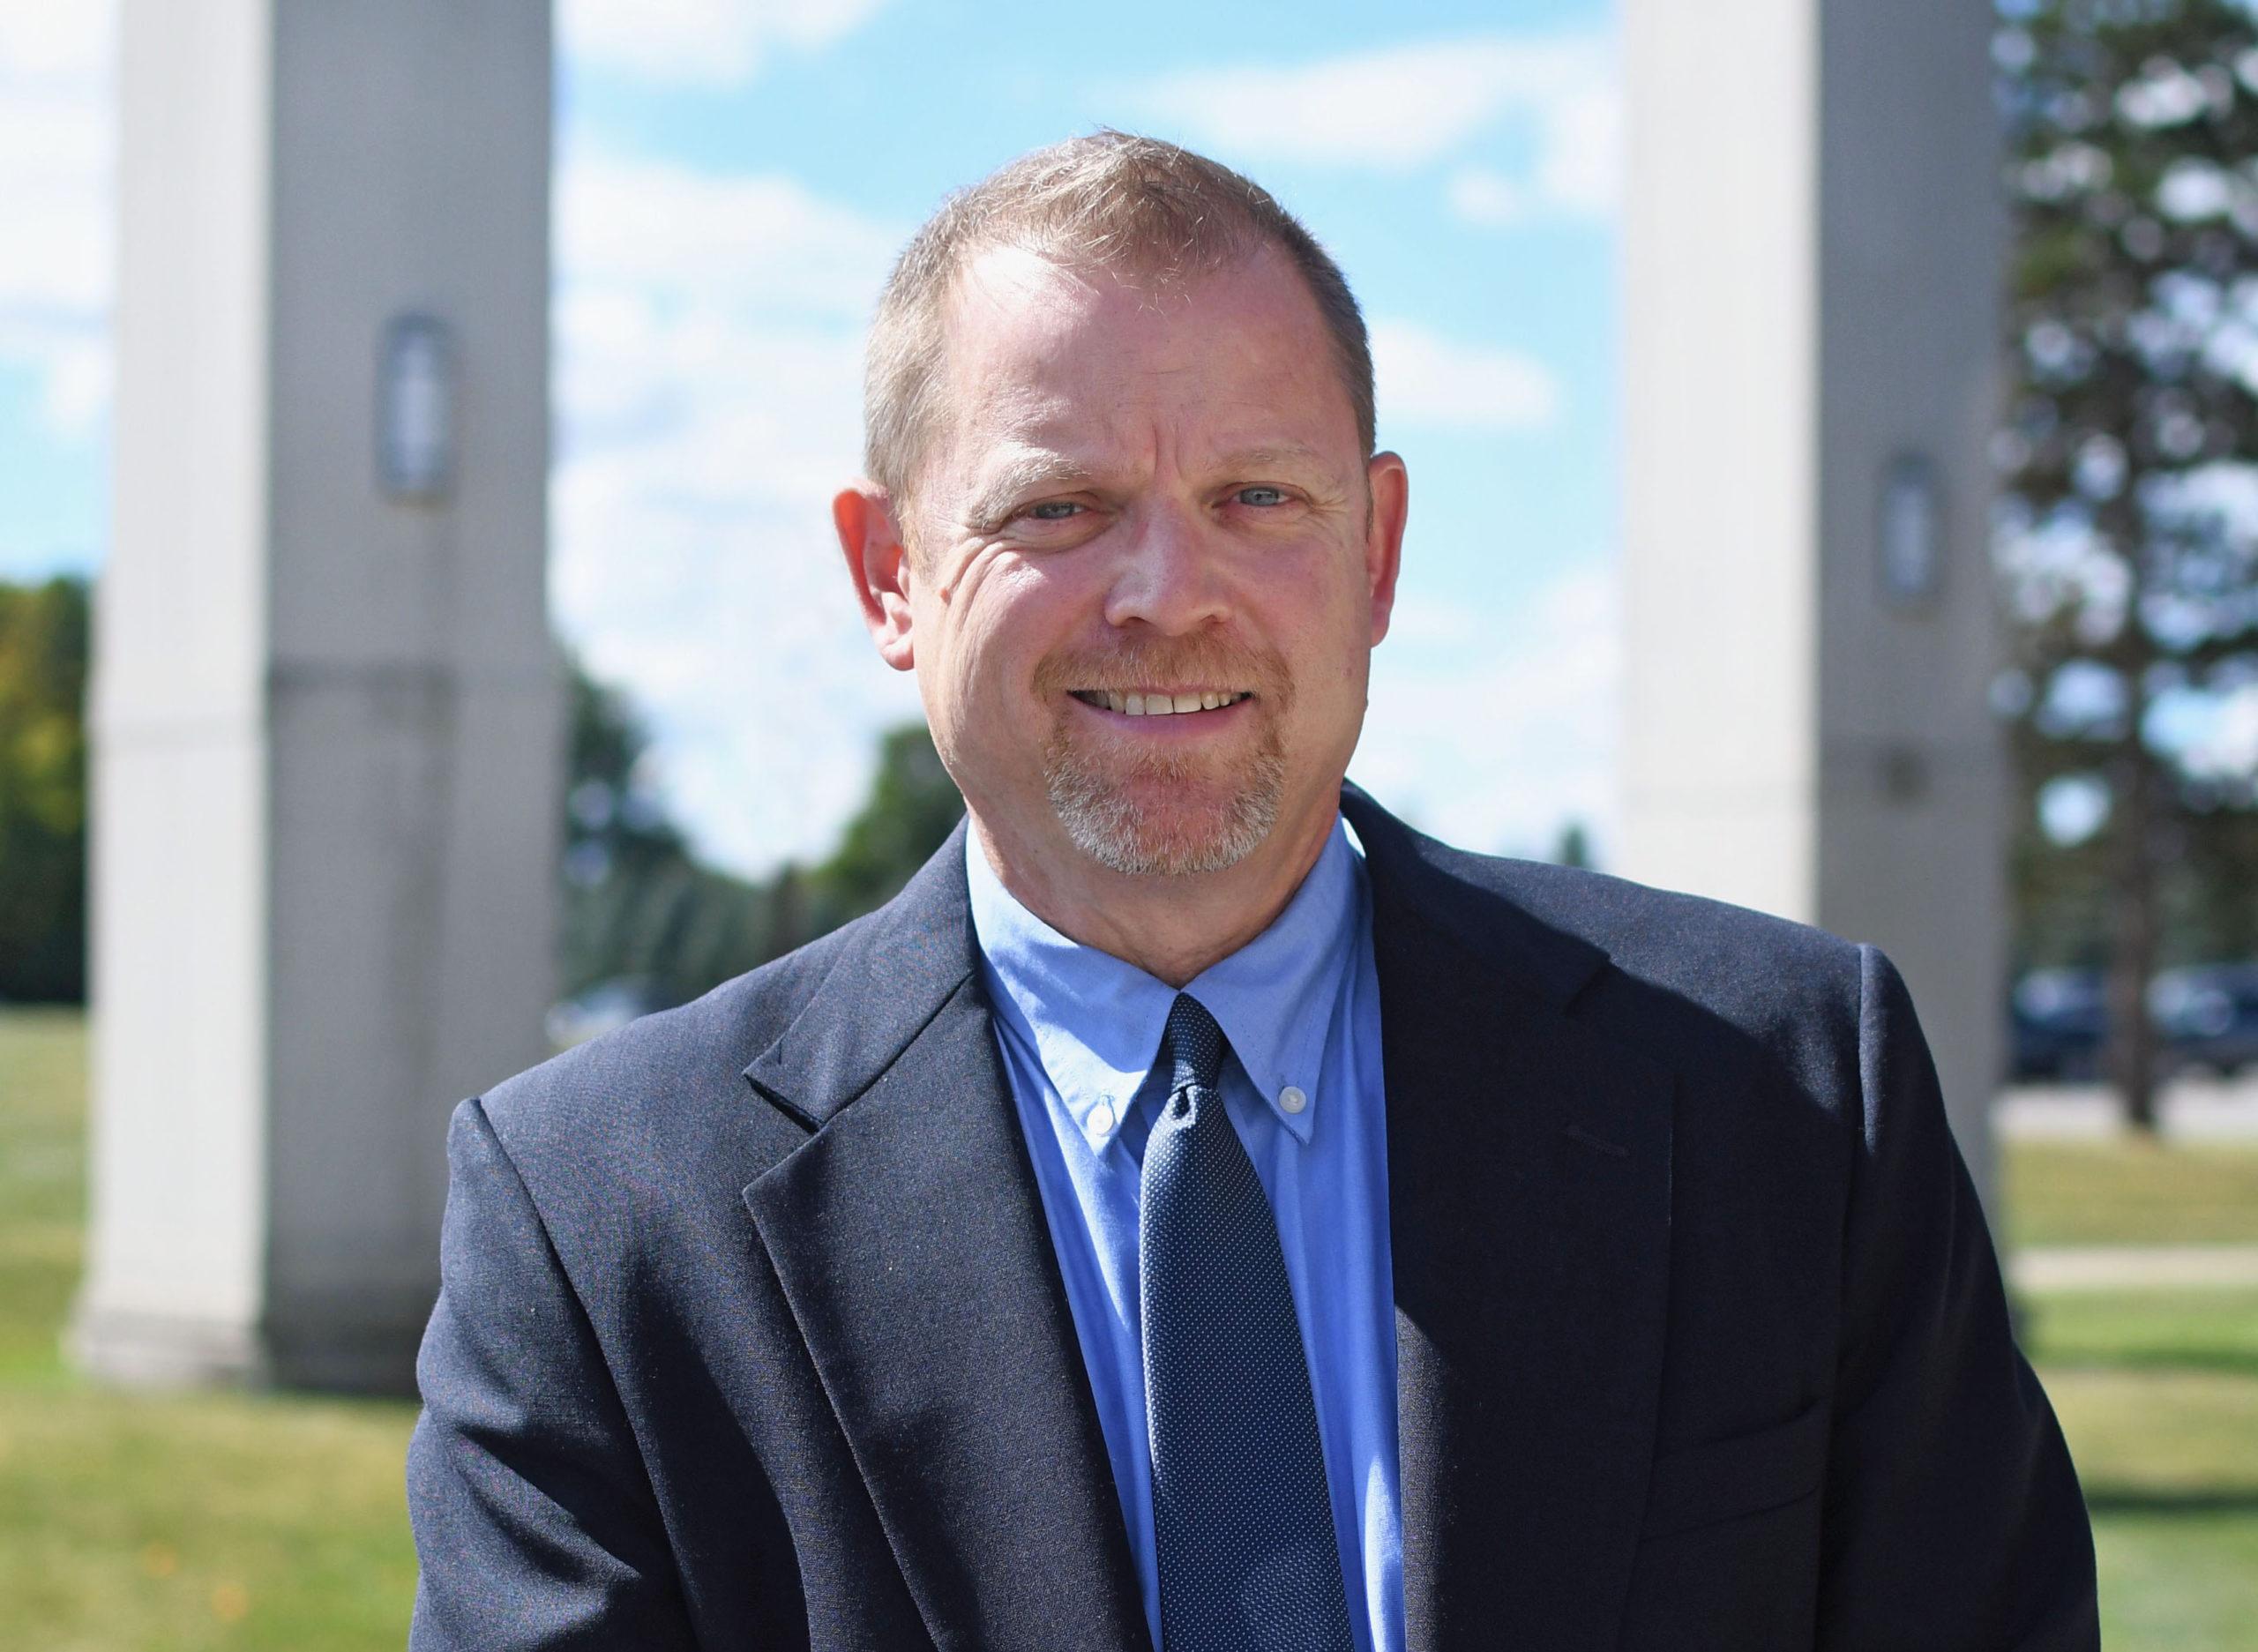 Robert McKeown